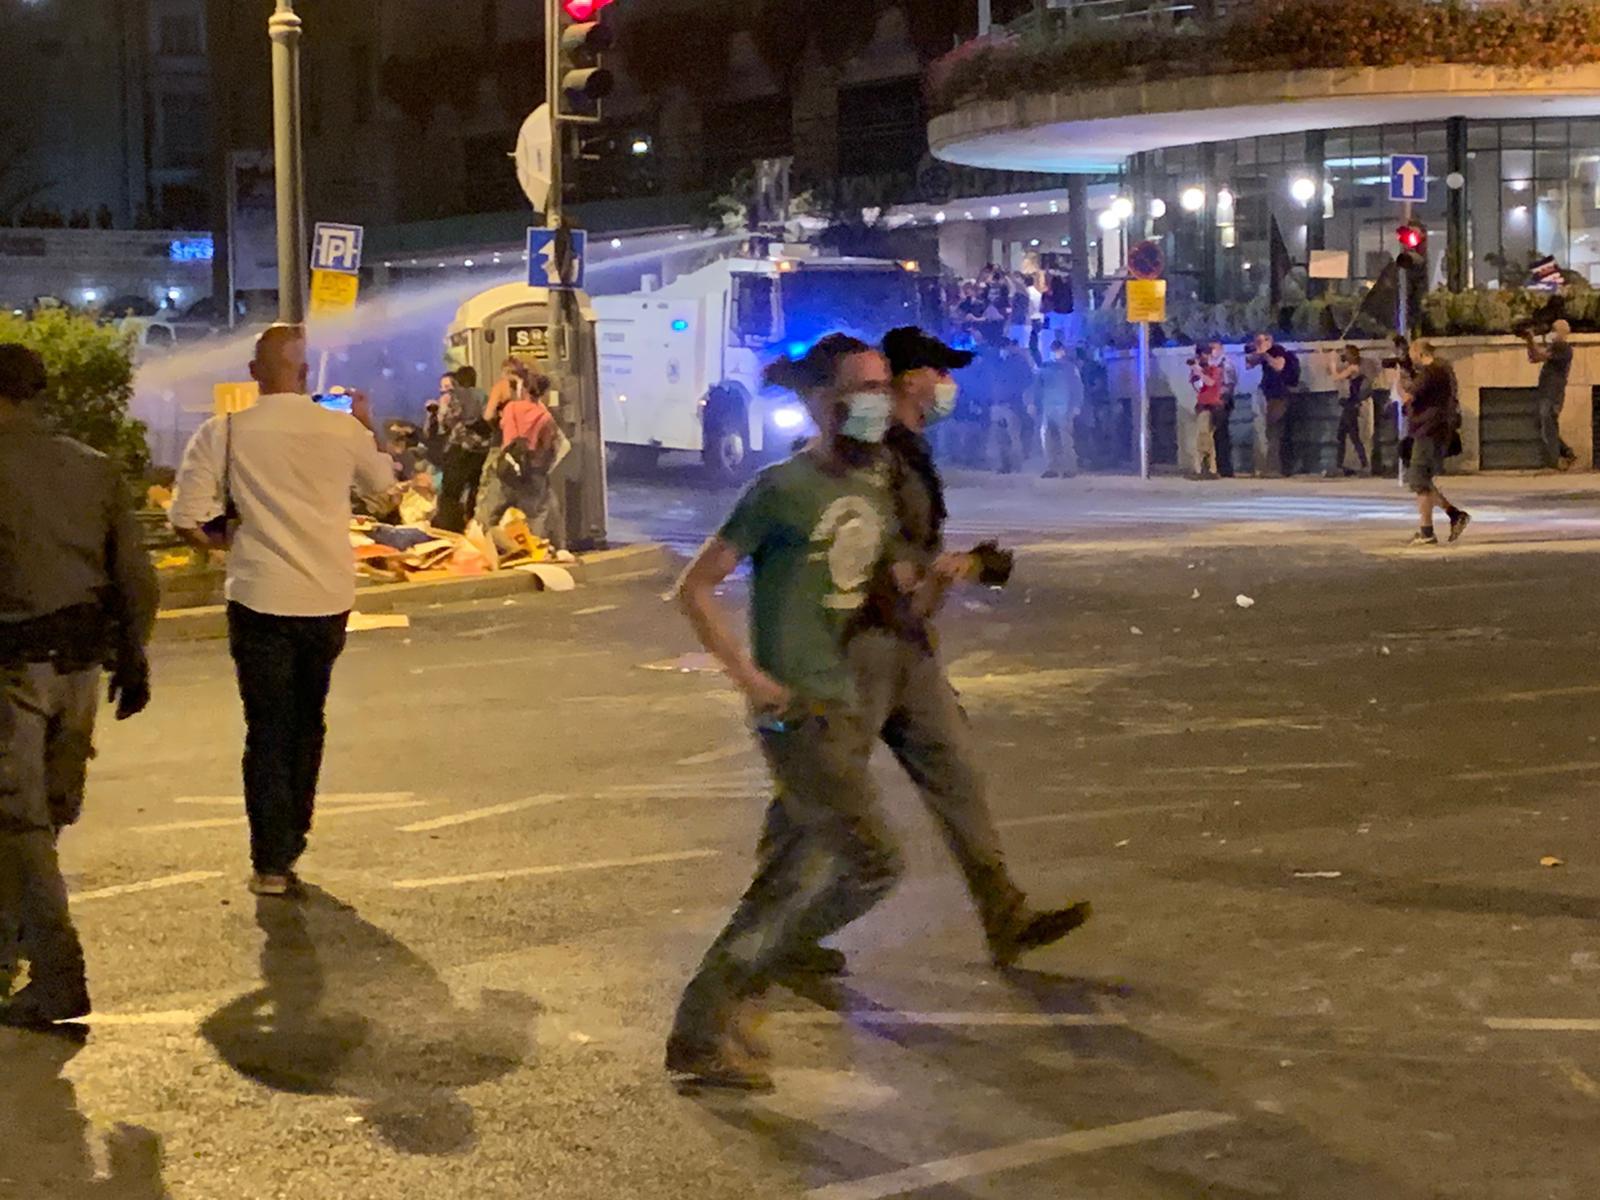 המשטרה מפעילה מכתזית בהפגנה בבלפור ב-25 ביולי (צילום: חגי מטר)